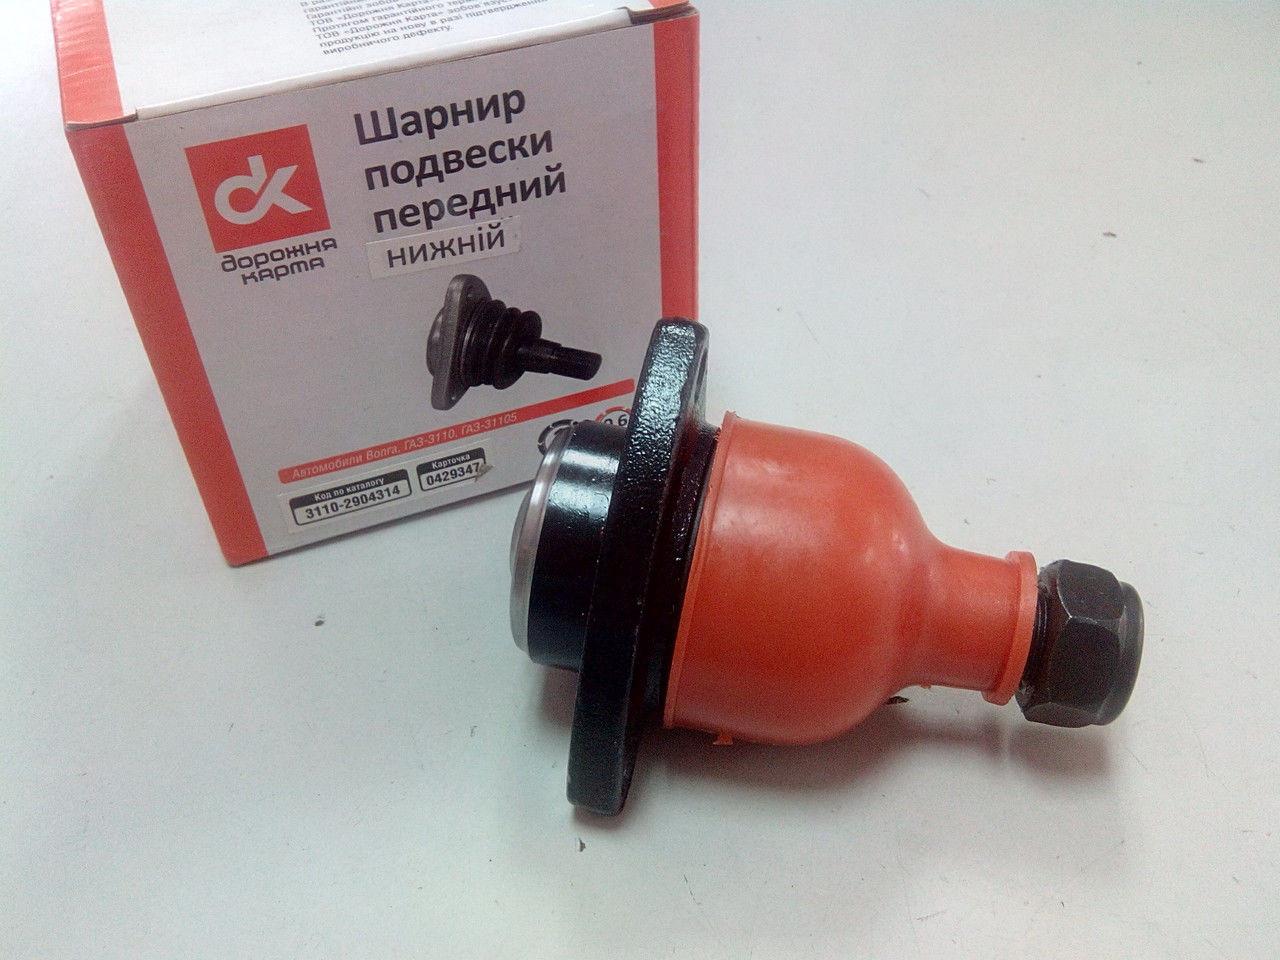 Шарнир подвески пер. ГАЗ 3110 нижний